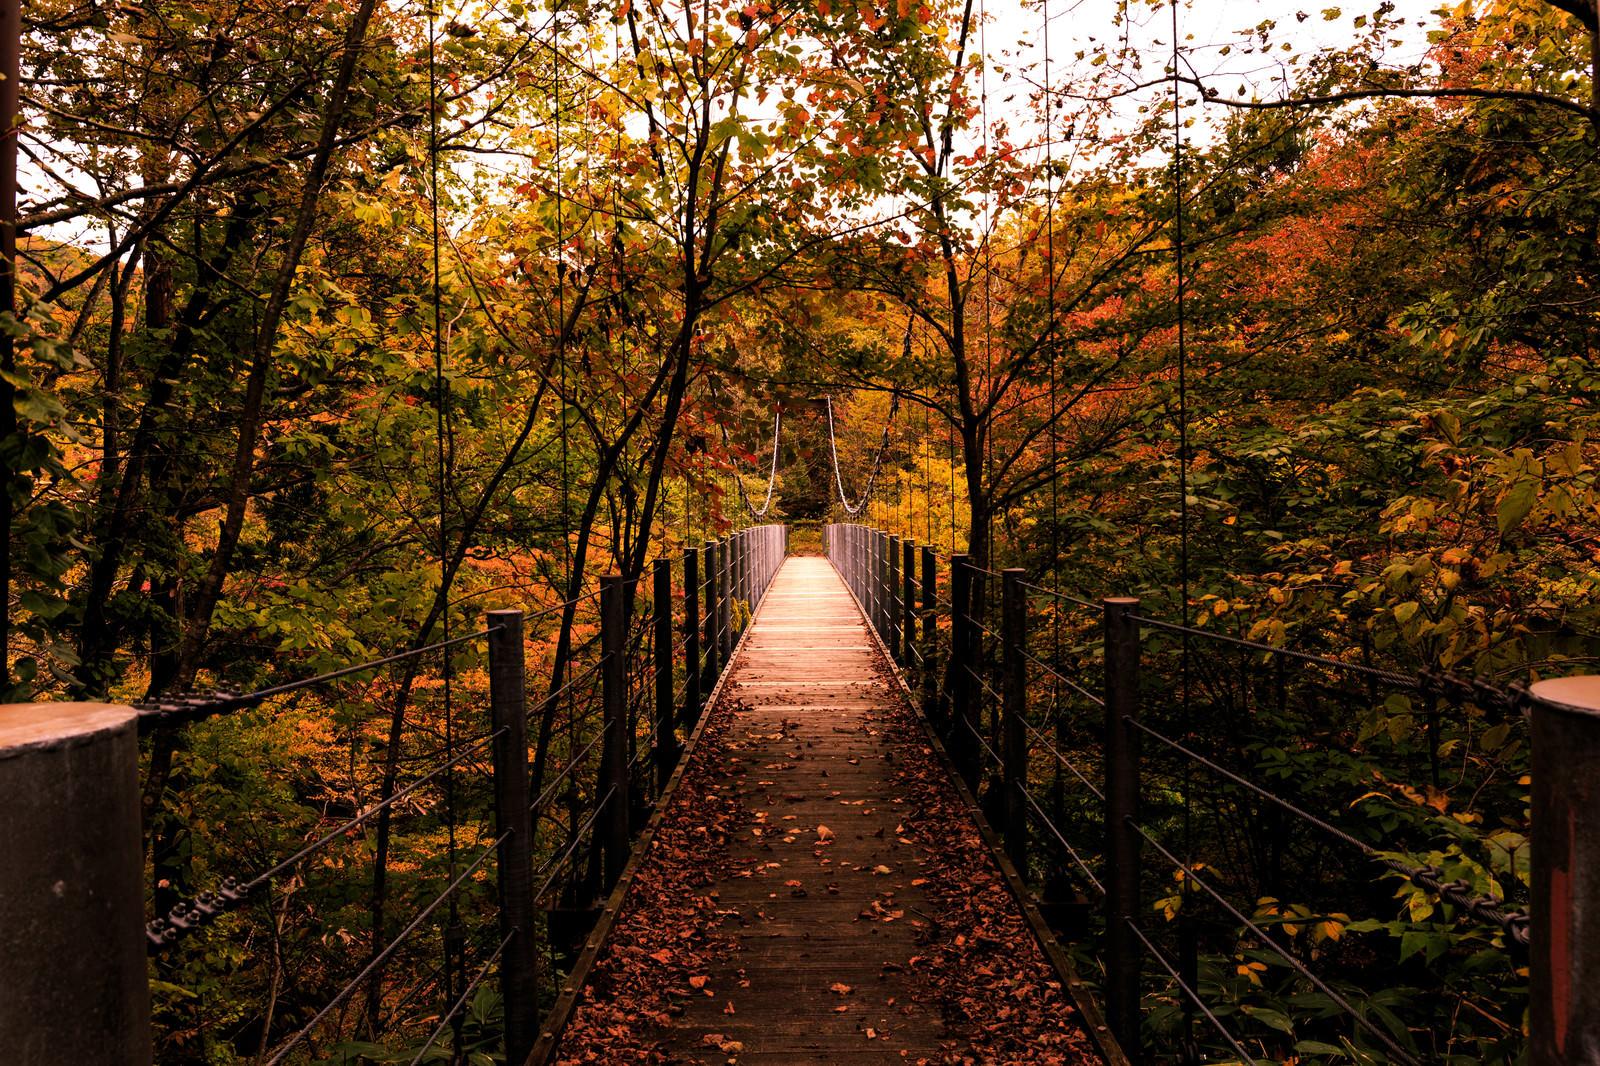 「吊橋と紅葉」の写真